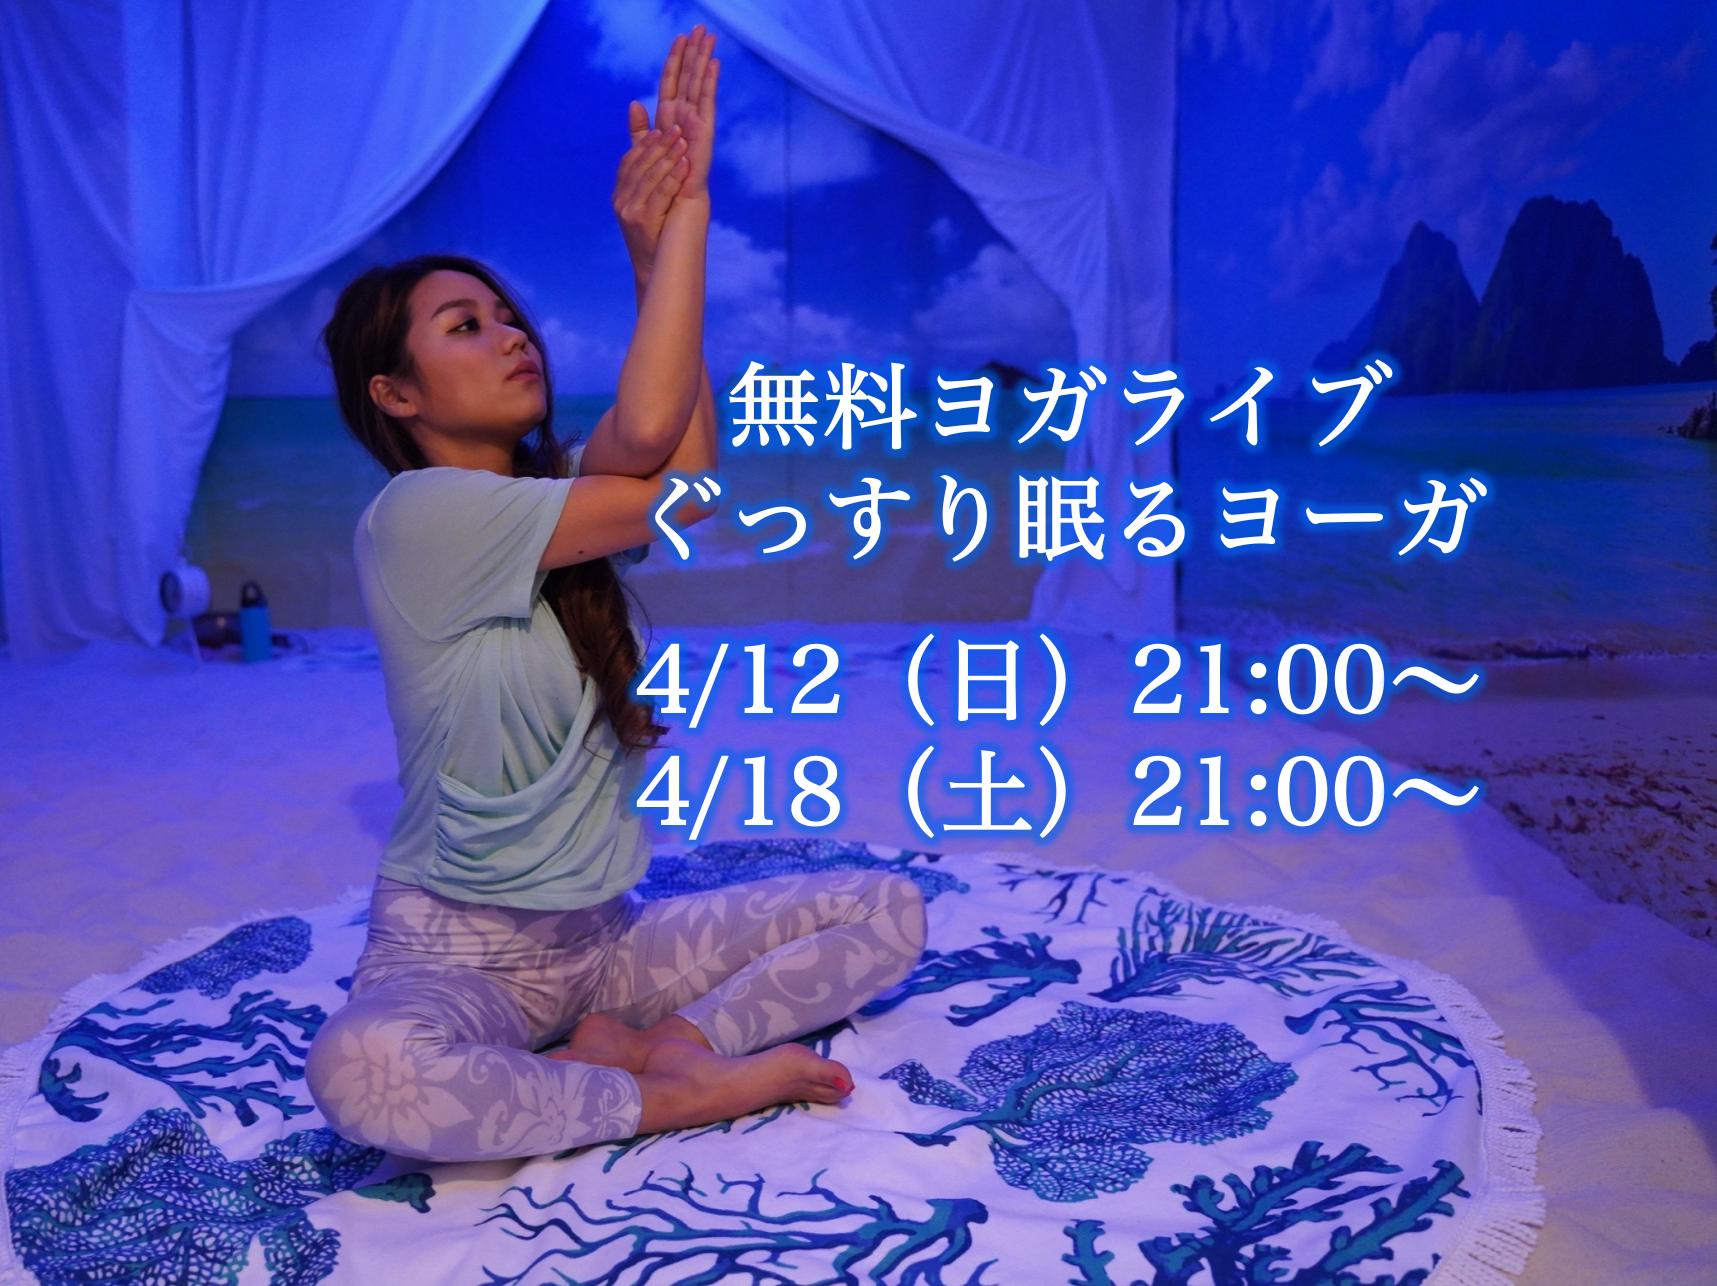 【無料】ぐっすり眠るオンラインヨガライブ♪4/12.18